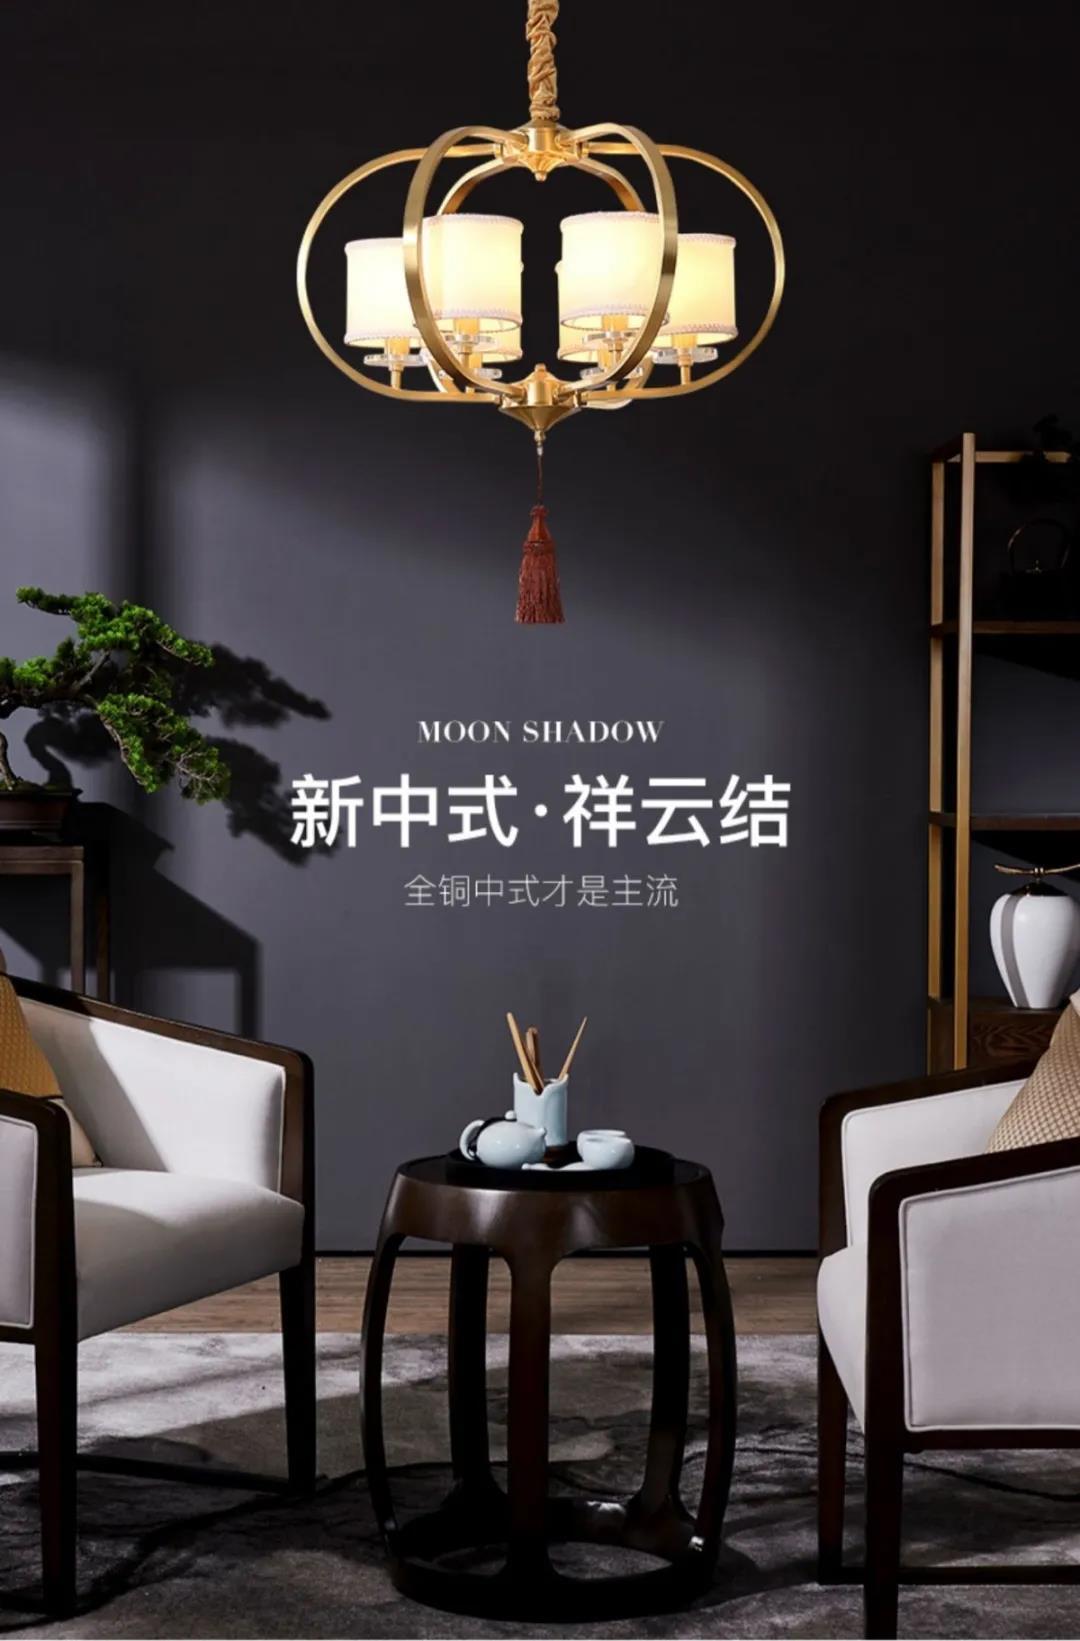 月影家居中式铜灯推荐,带你领略传统东方极致美学